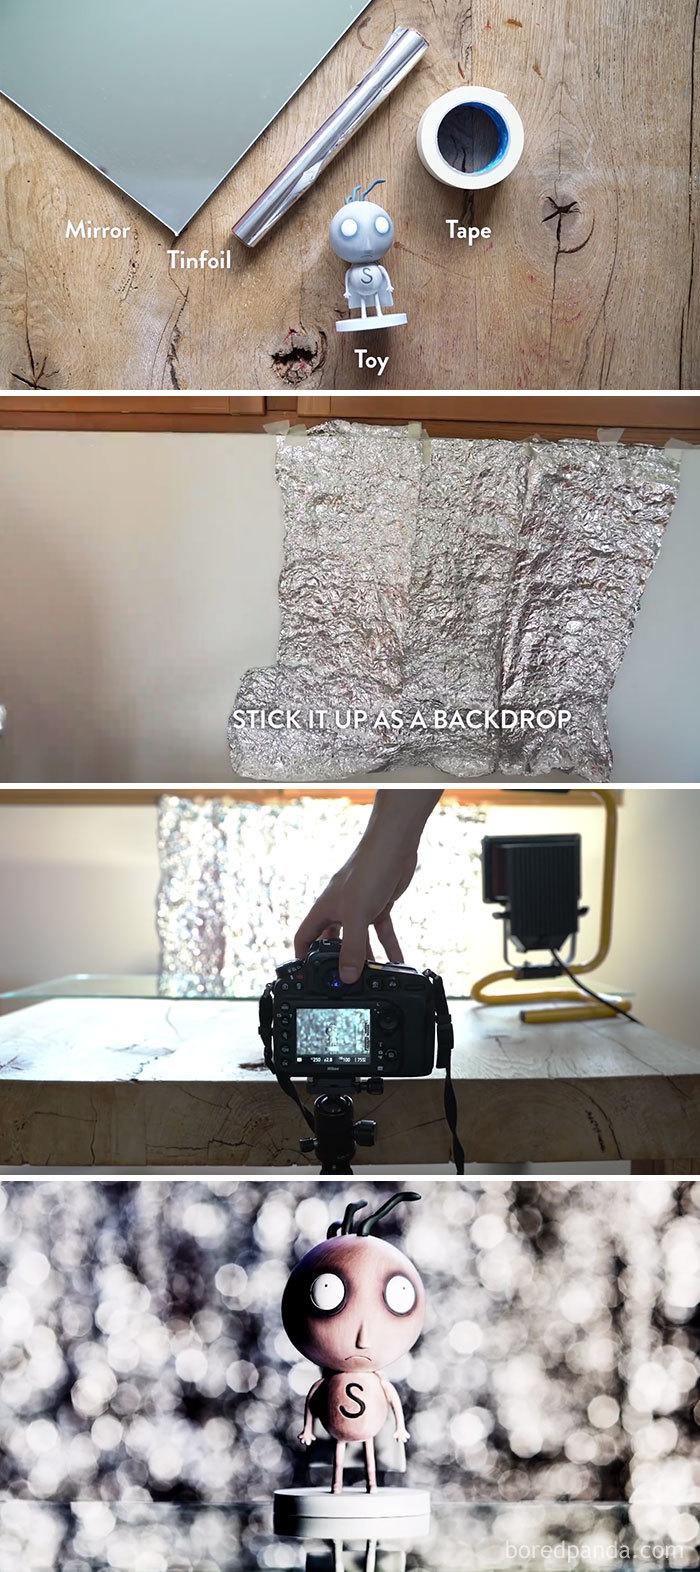 fotografické triky(3)